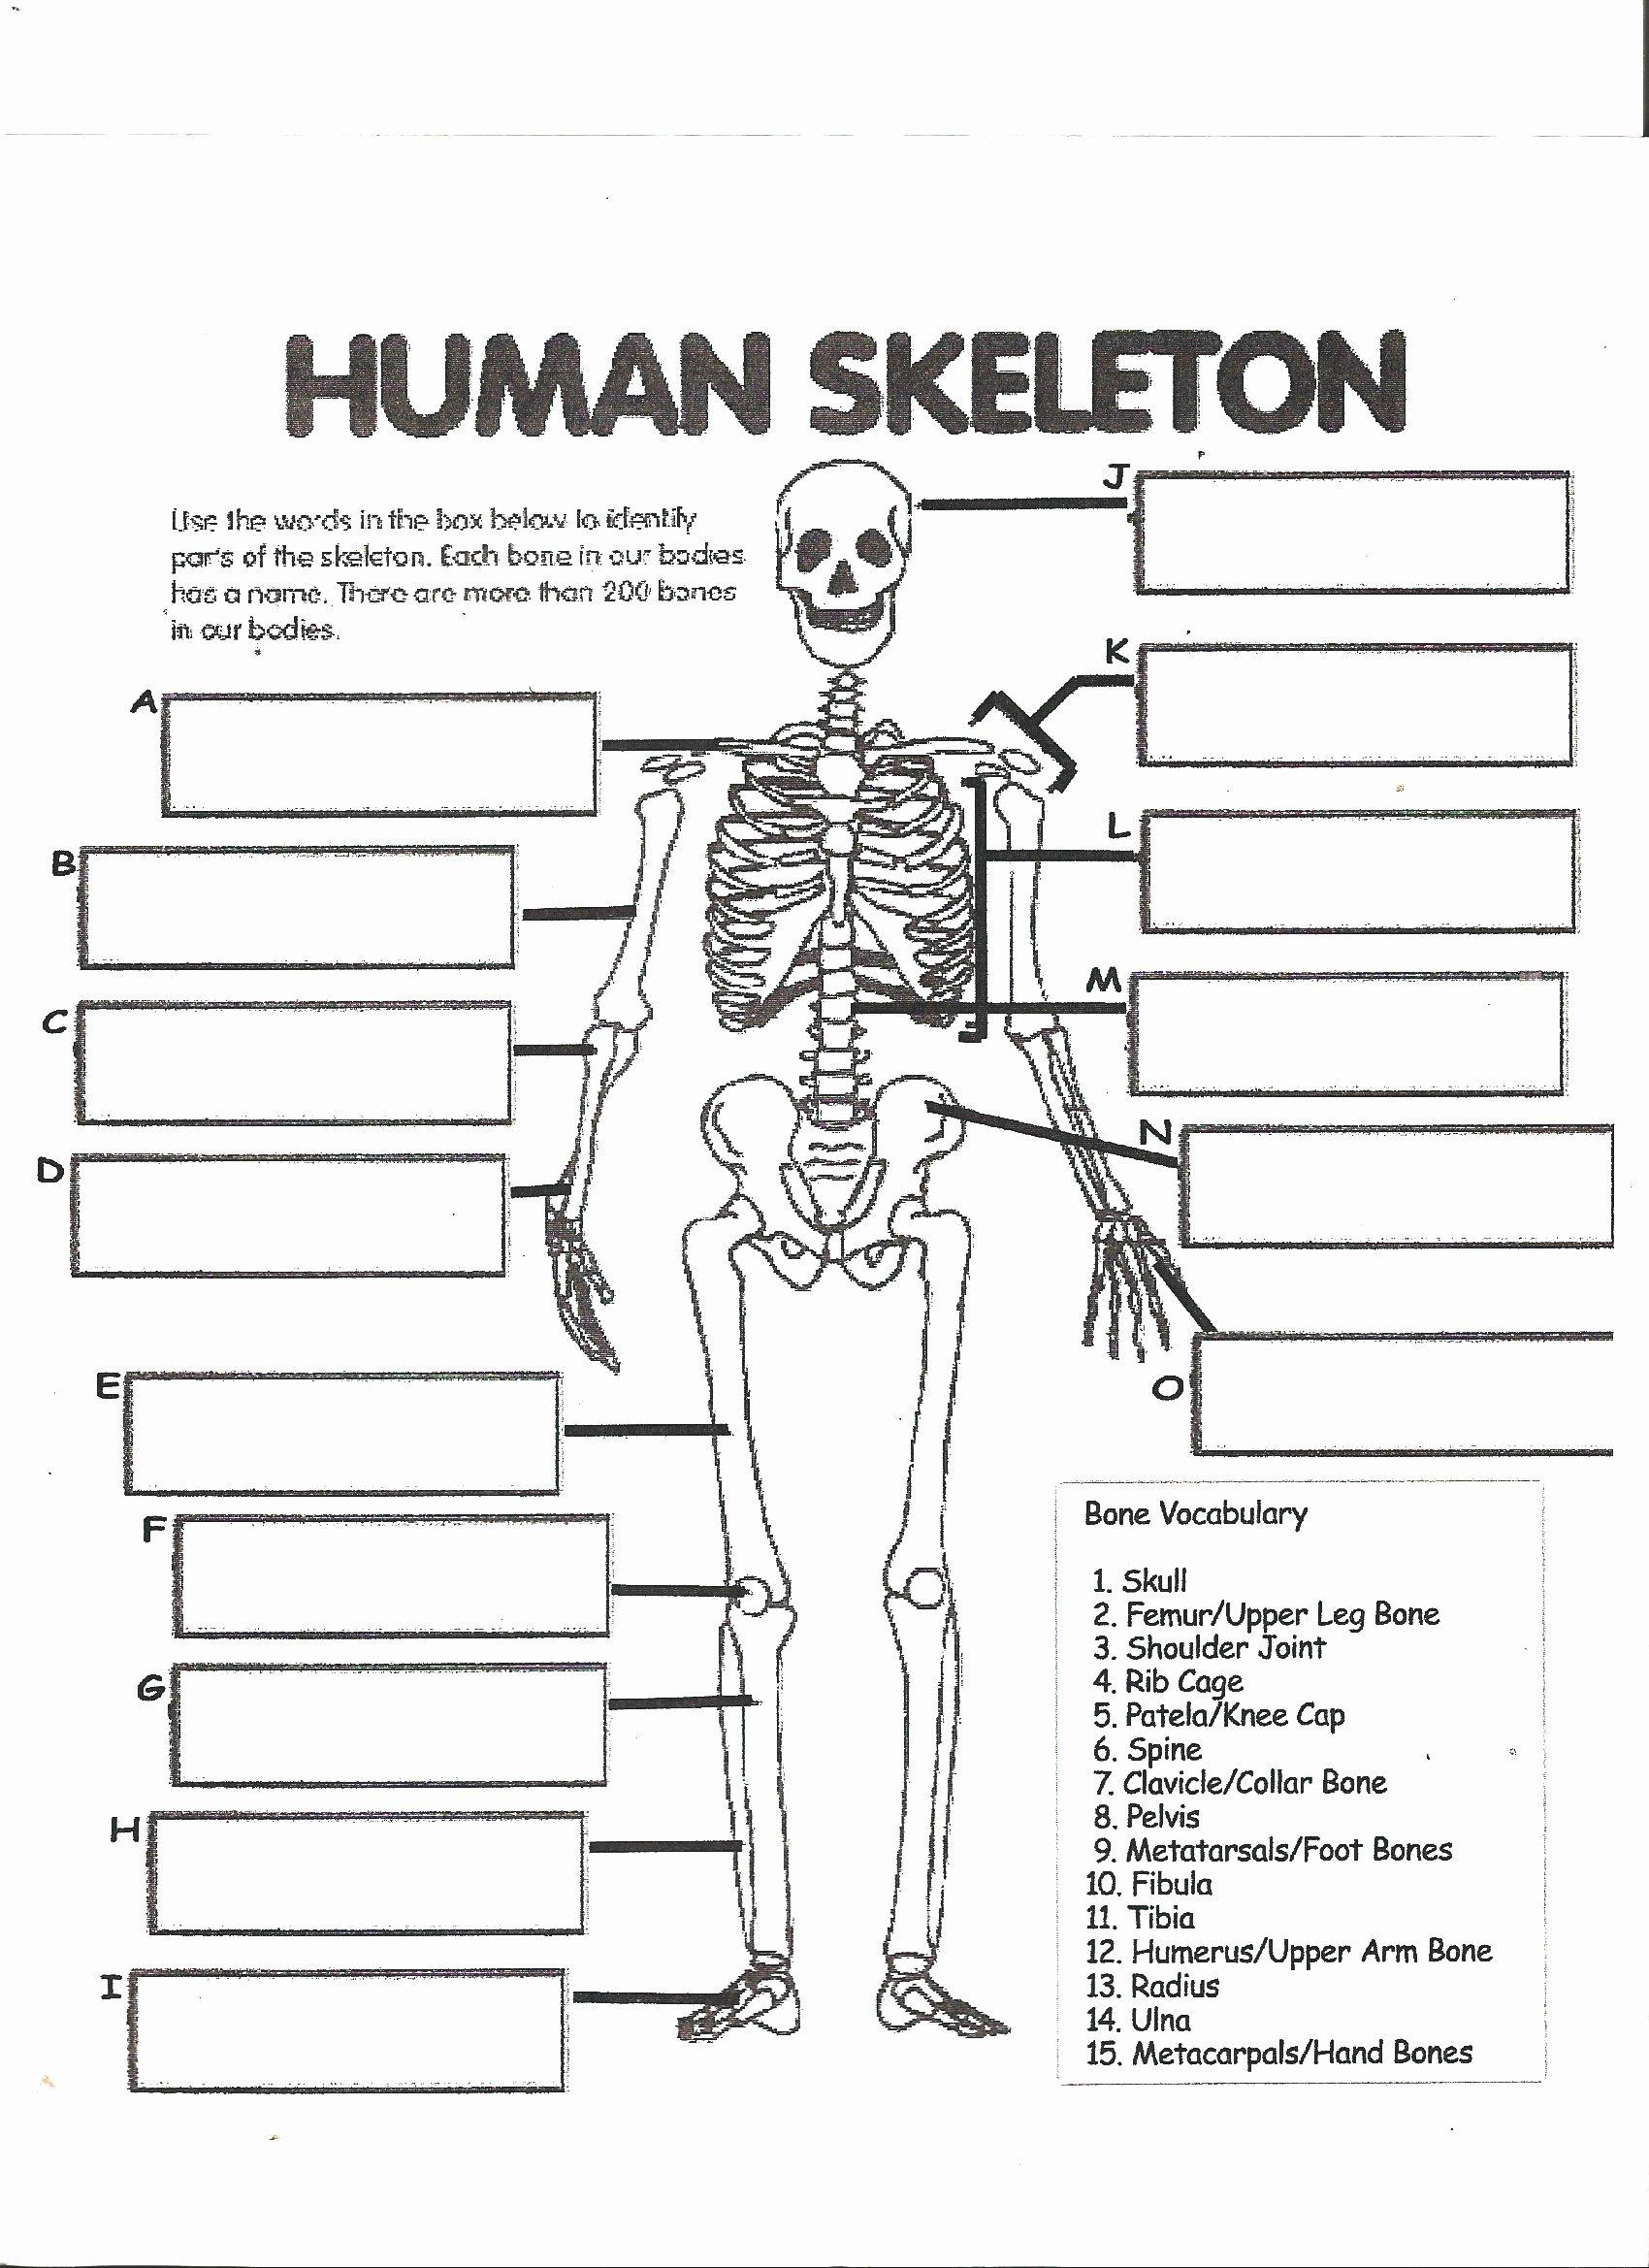 Skeletal System Labeling Worksheet Fresh Human